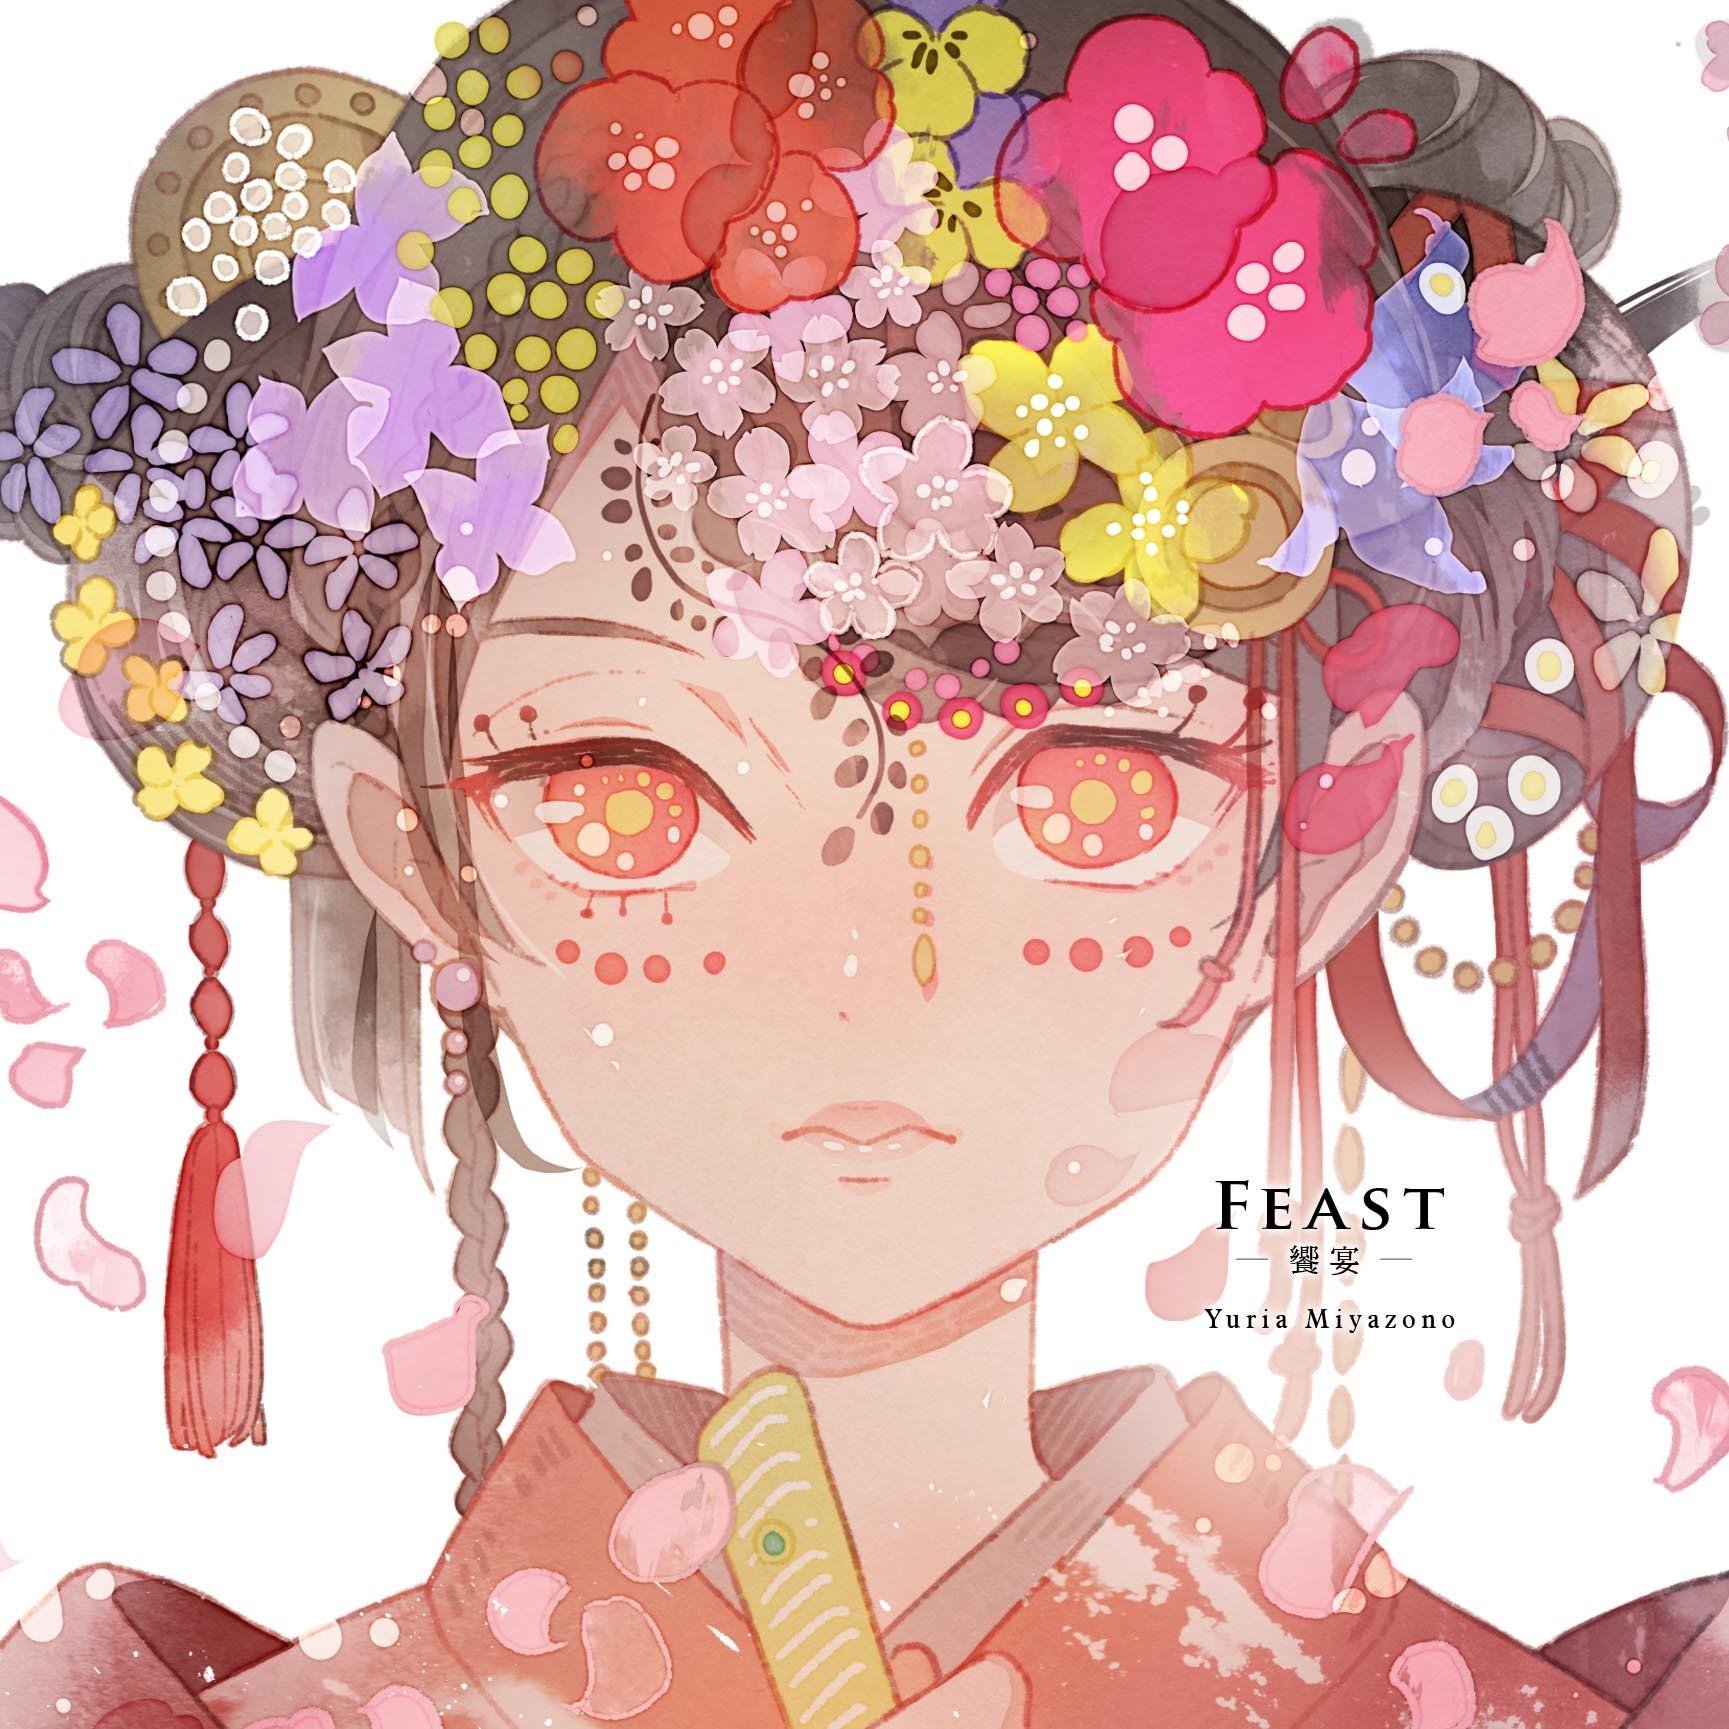 ユリアミヤゾノ (Yuria Miyazono) — FEAST-饗宴- [FLAC / WEB] [2019.04.28]